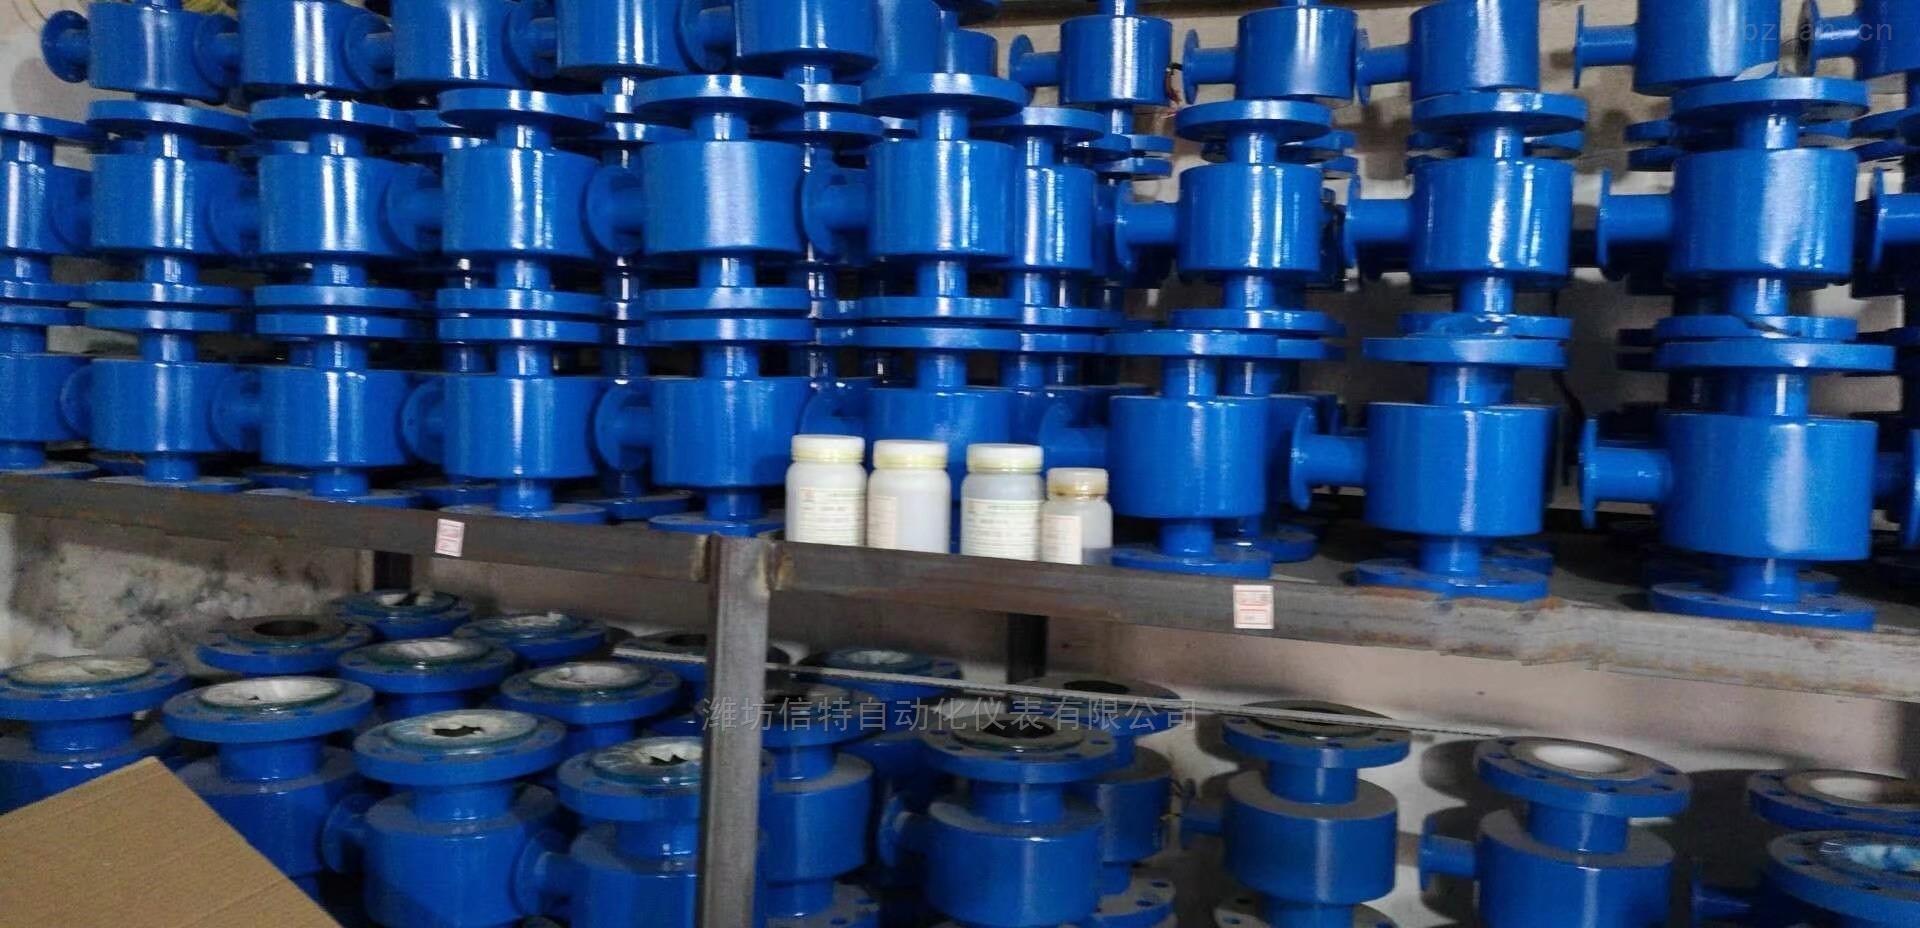 山东潍坊泥浆纸浆污水管道电磁流量计